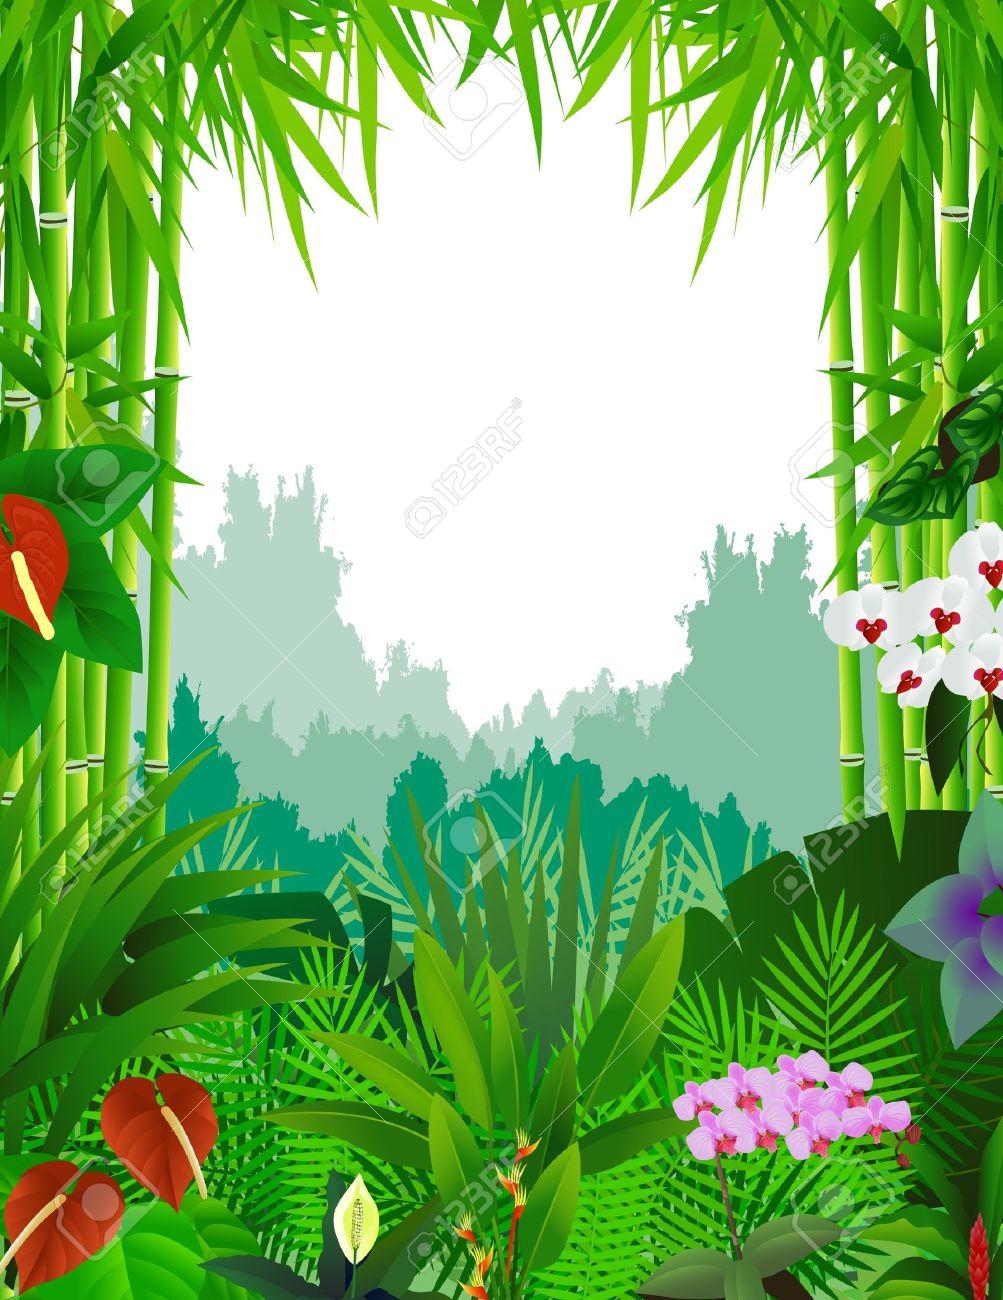 Rainforest Clipart Images.